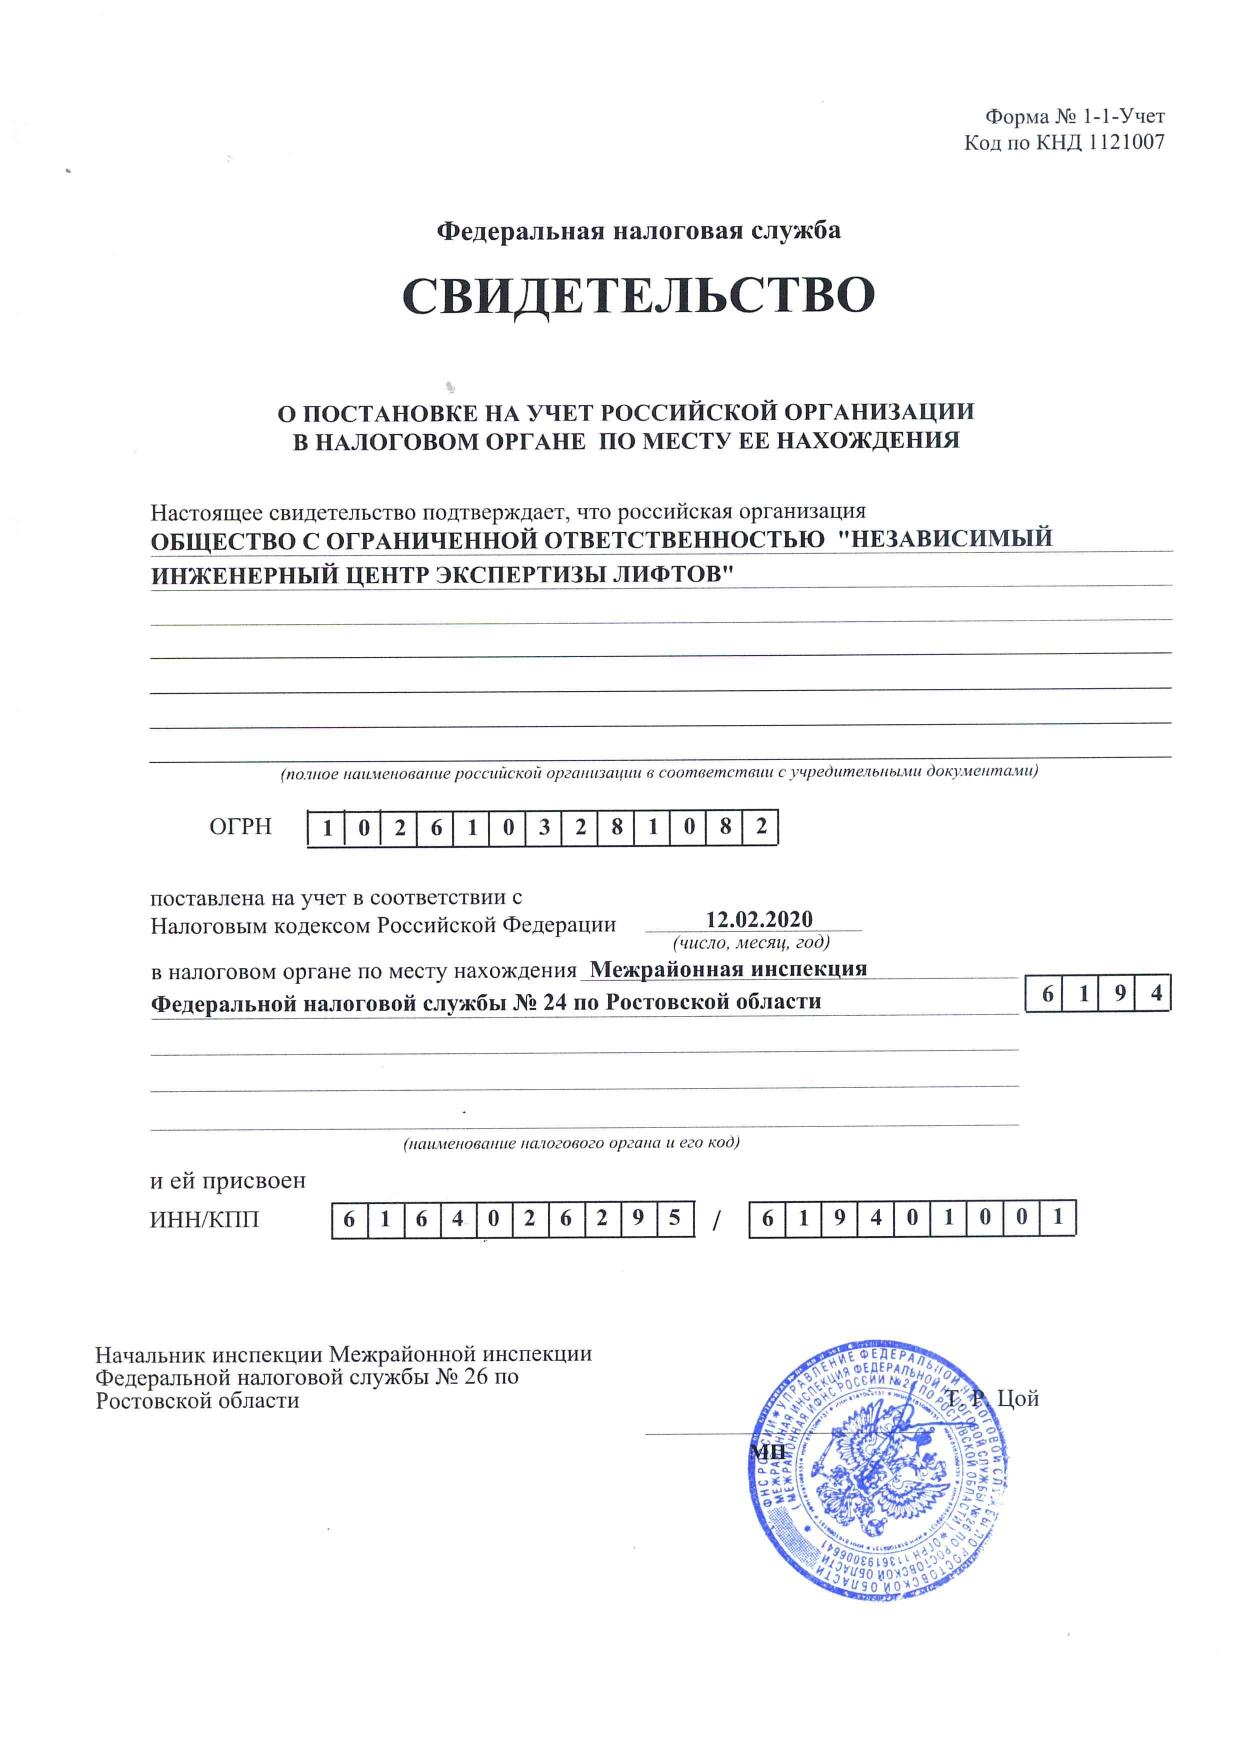 Свидетельство о постановке на учет в налоговом органе юридического лица от 10 февраля 2020 г. ИНН 6164026295 КПП 619401001